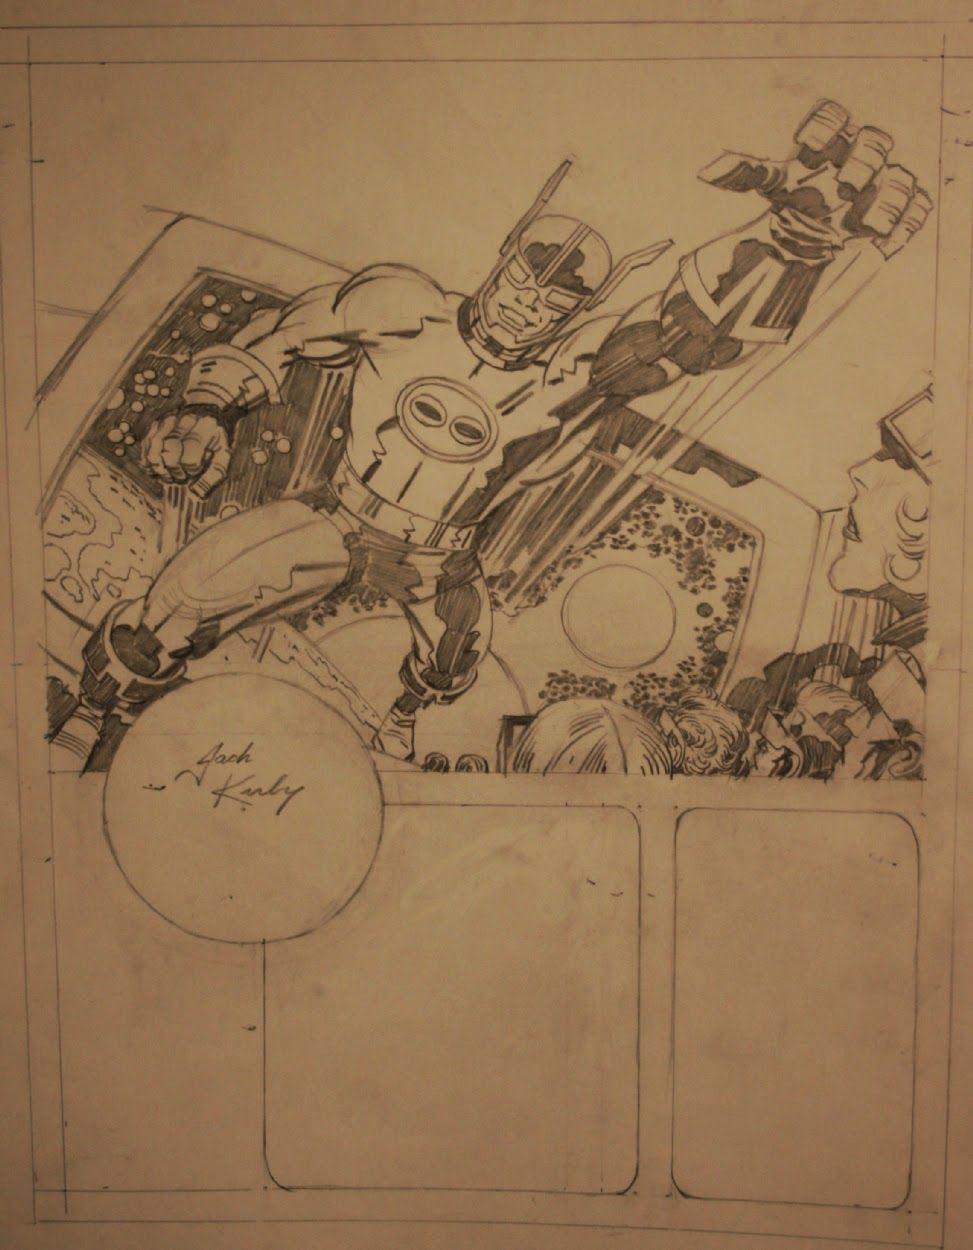 Cap'n's Comics: Stereon (Cap'n 3-D) by Jack Kirby